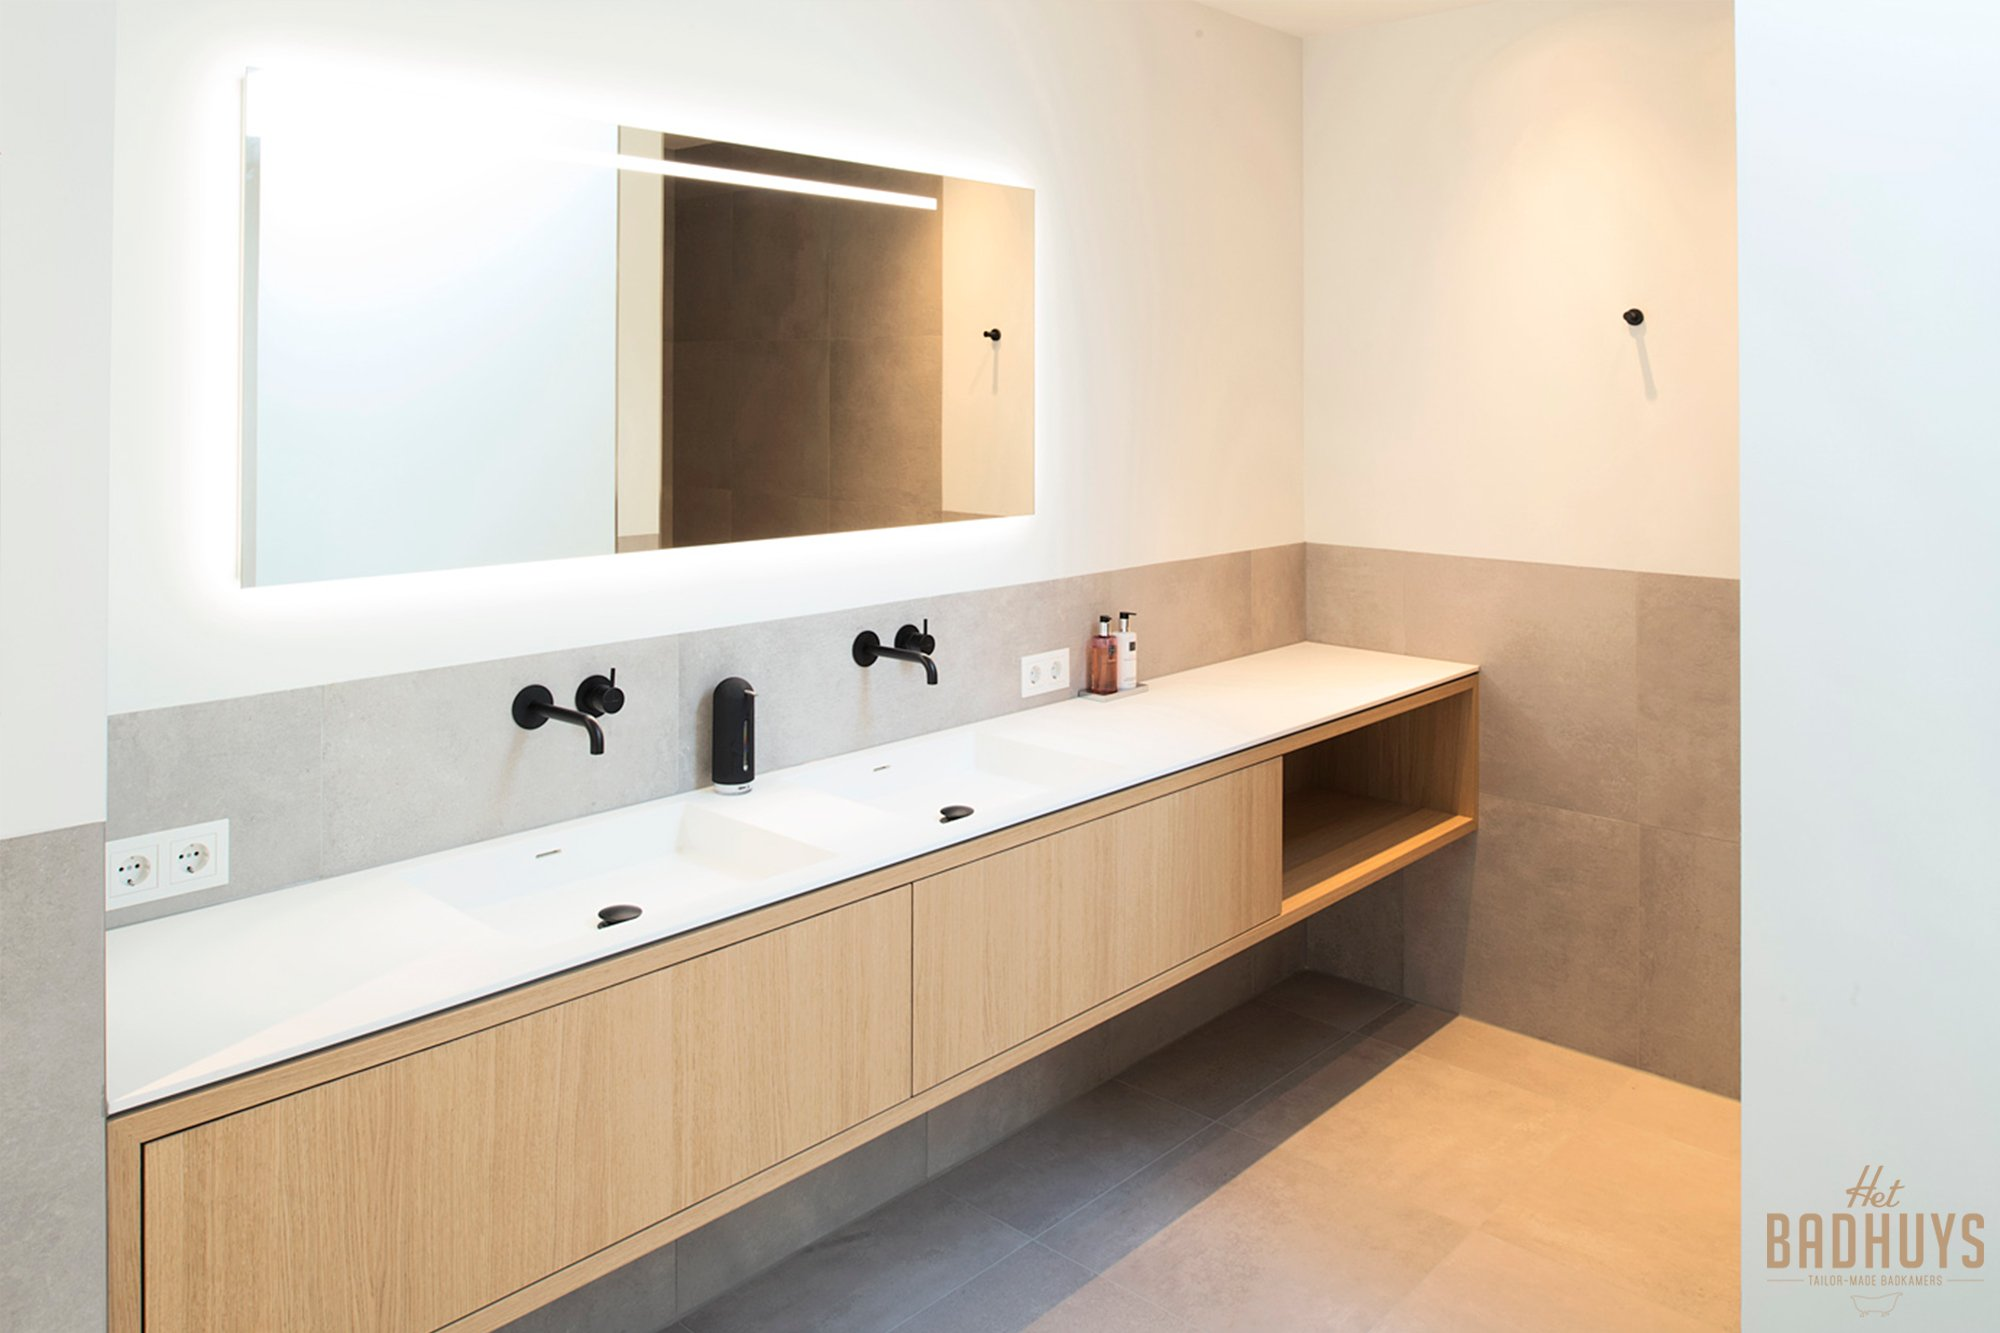 Badkamermeubel op maat in licht eiken met inbouwwastafel, dubbele zwarte kranen en doorlopende spiegel met ingebouwde ledlijn.